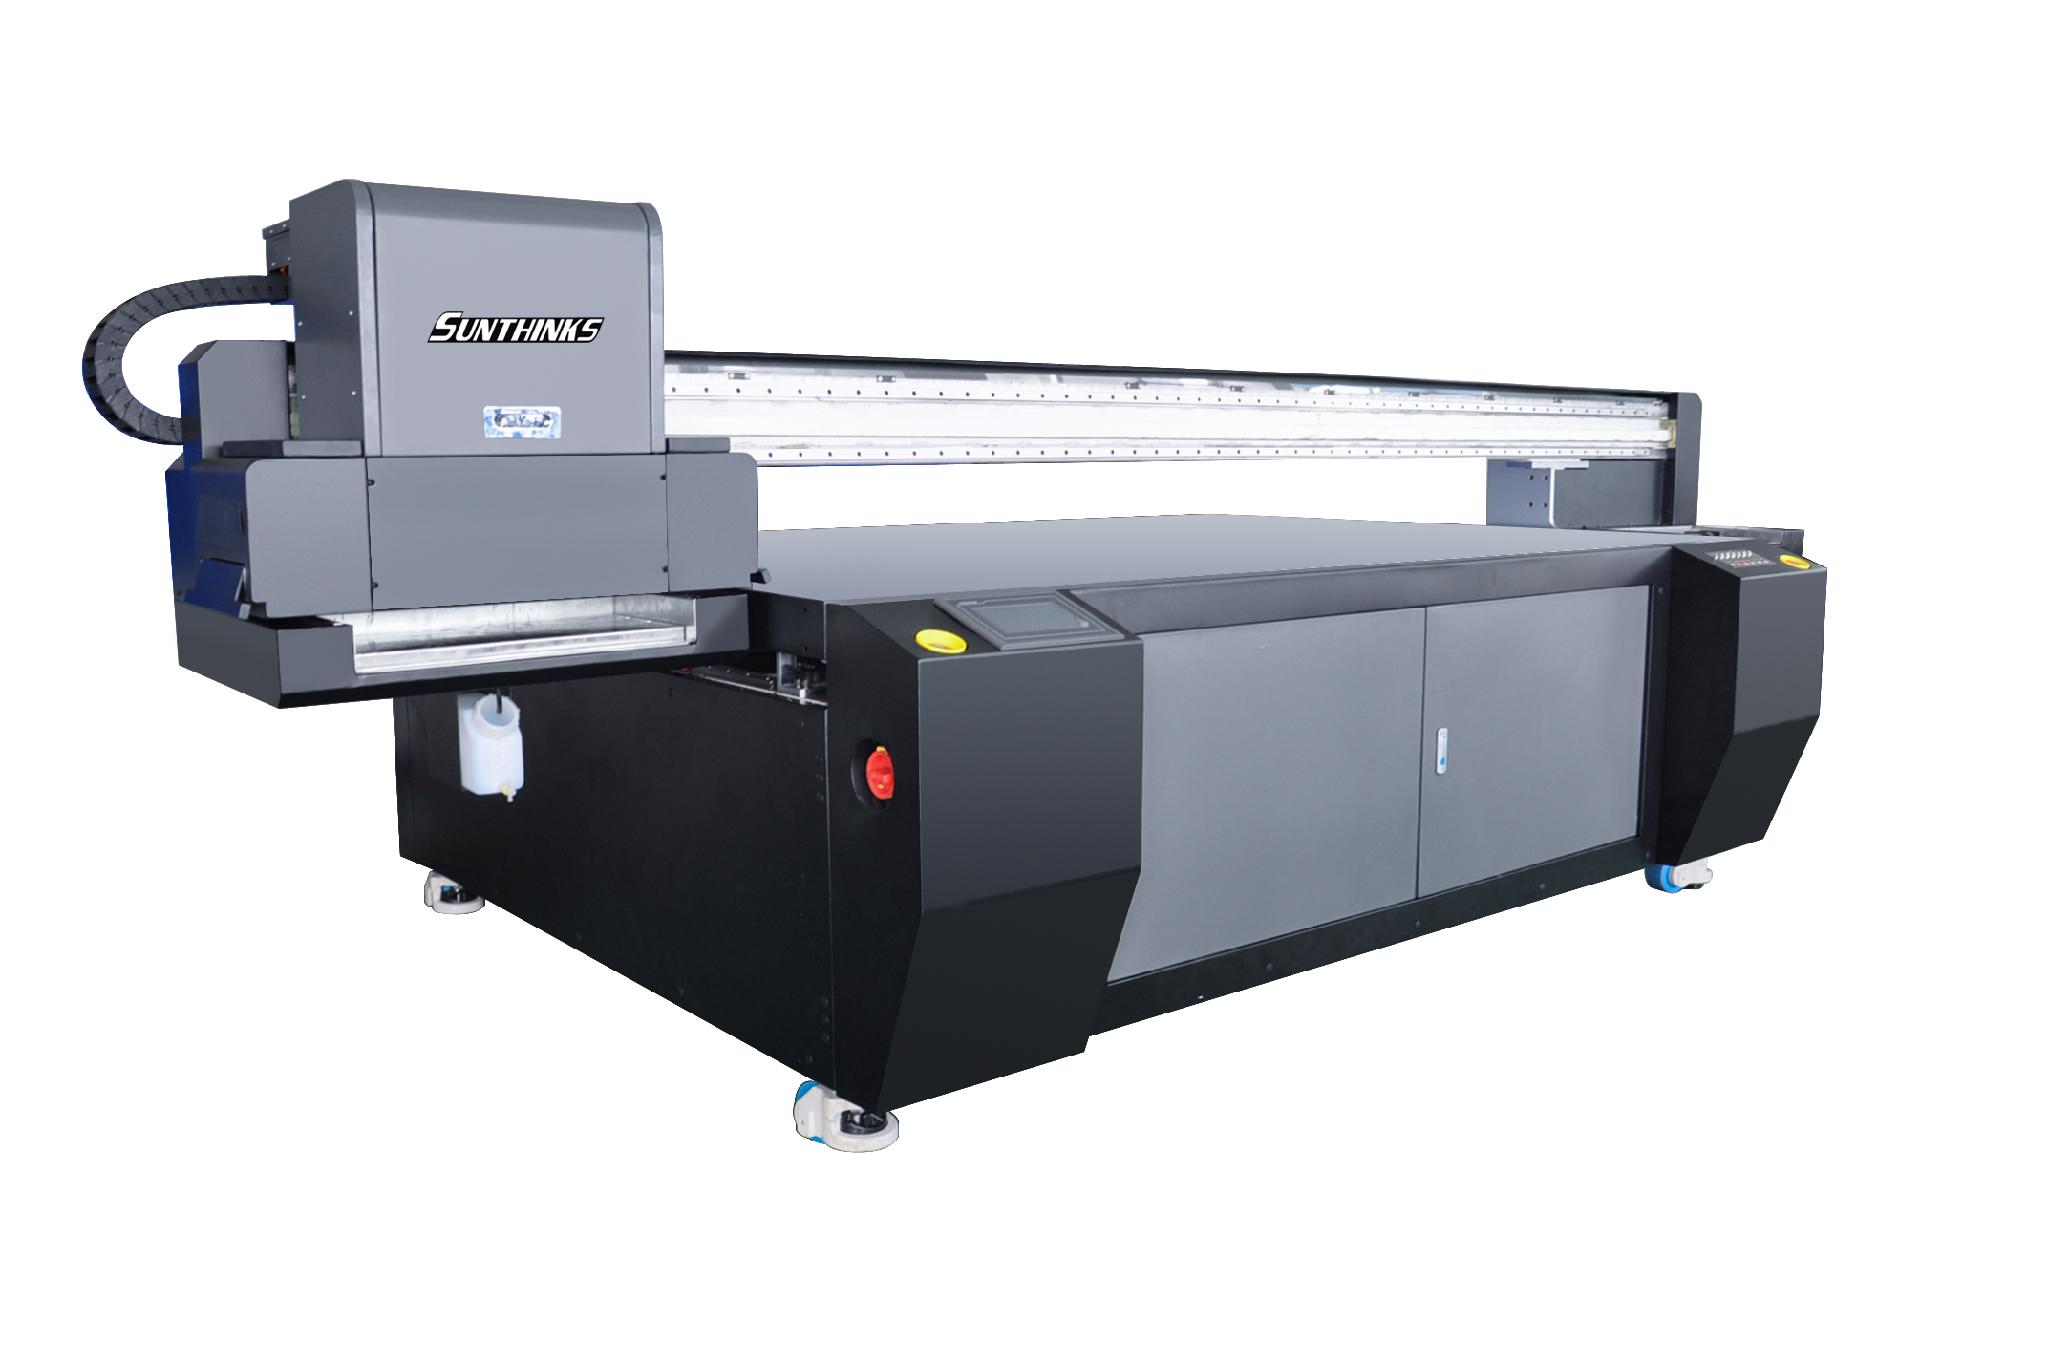 GH2220 平板打印机 10